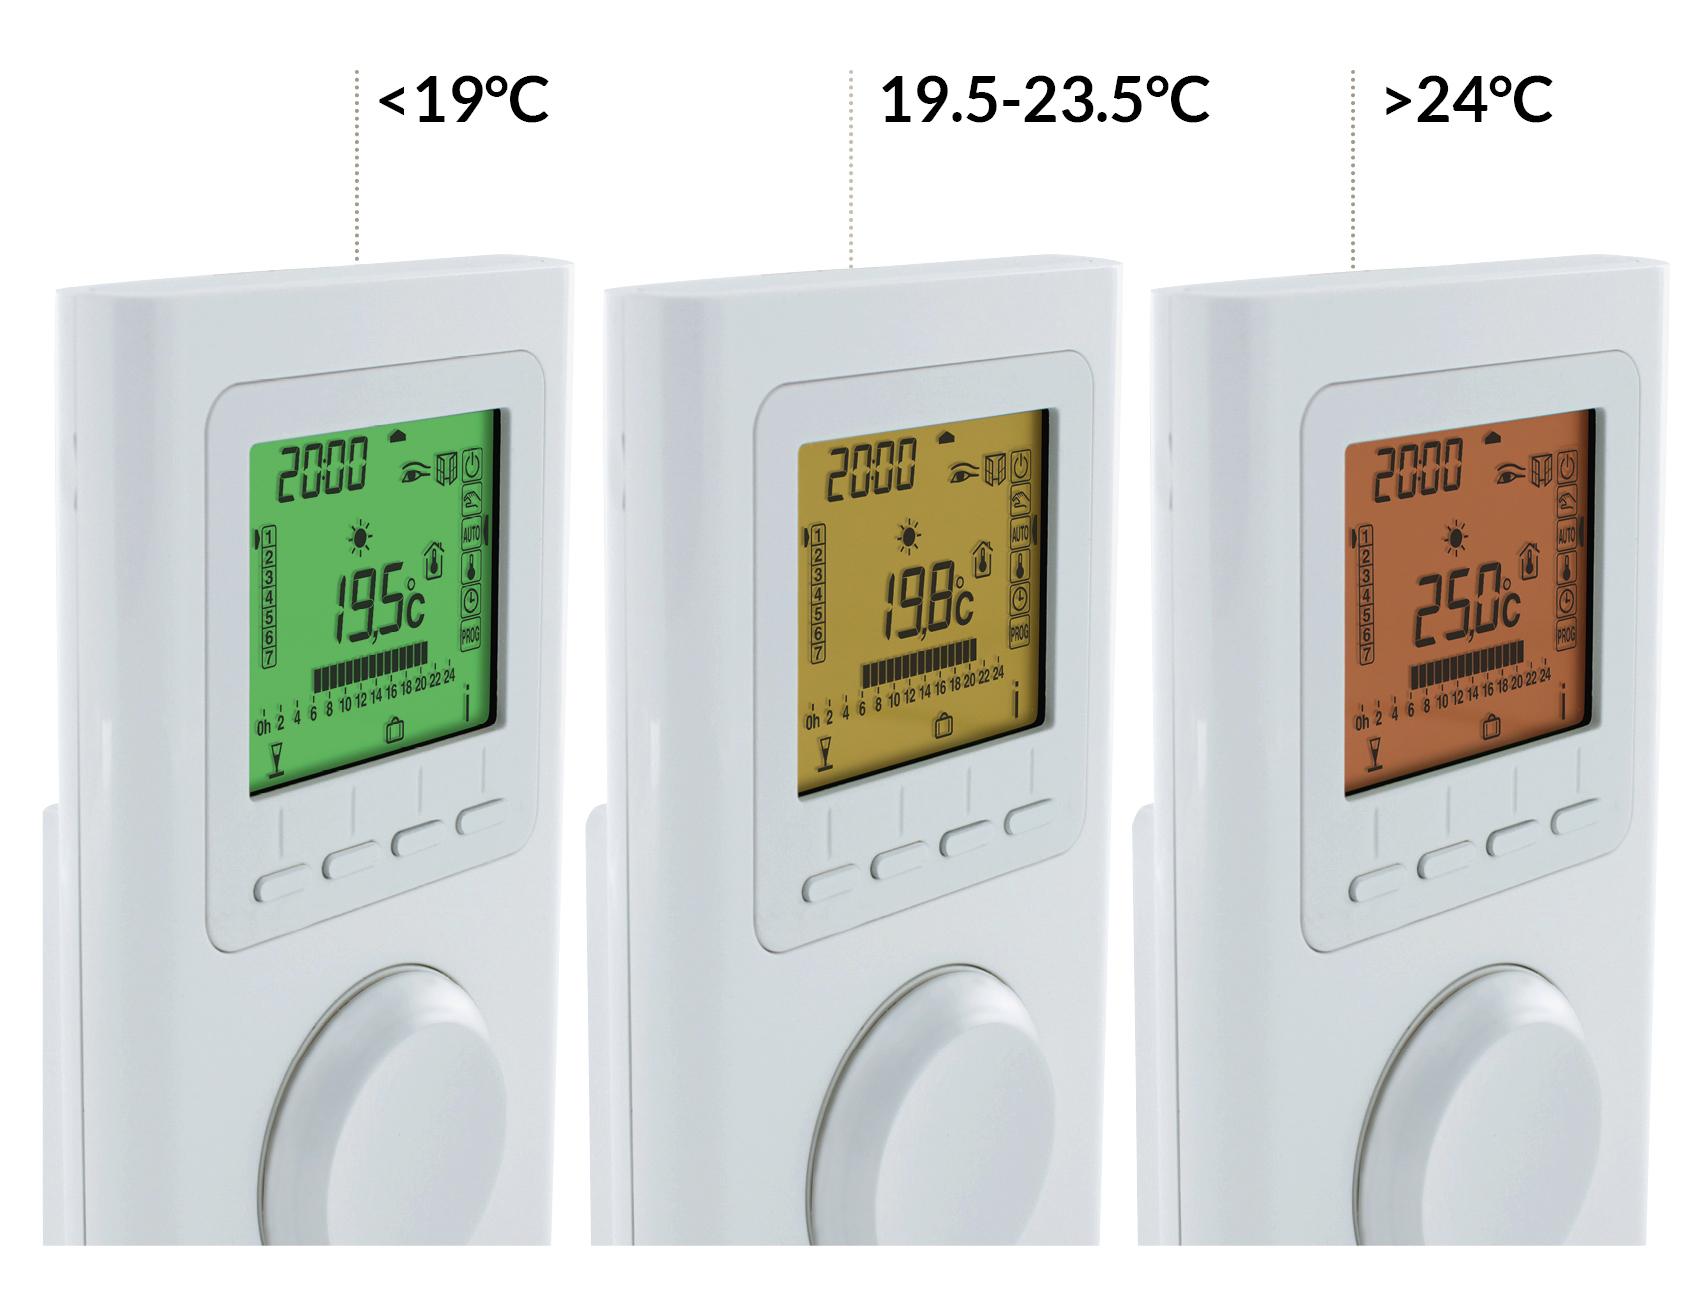 radiateur electrique performant et economique id e chauffage. Black Bedroom Furniture Sets. Home Design Ideas